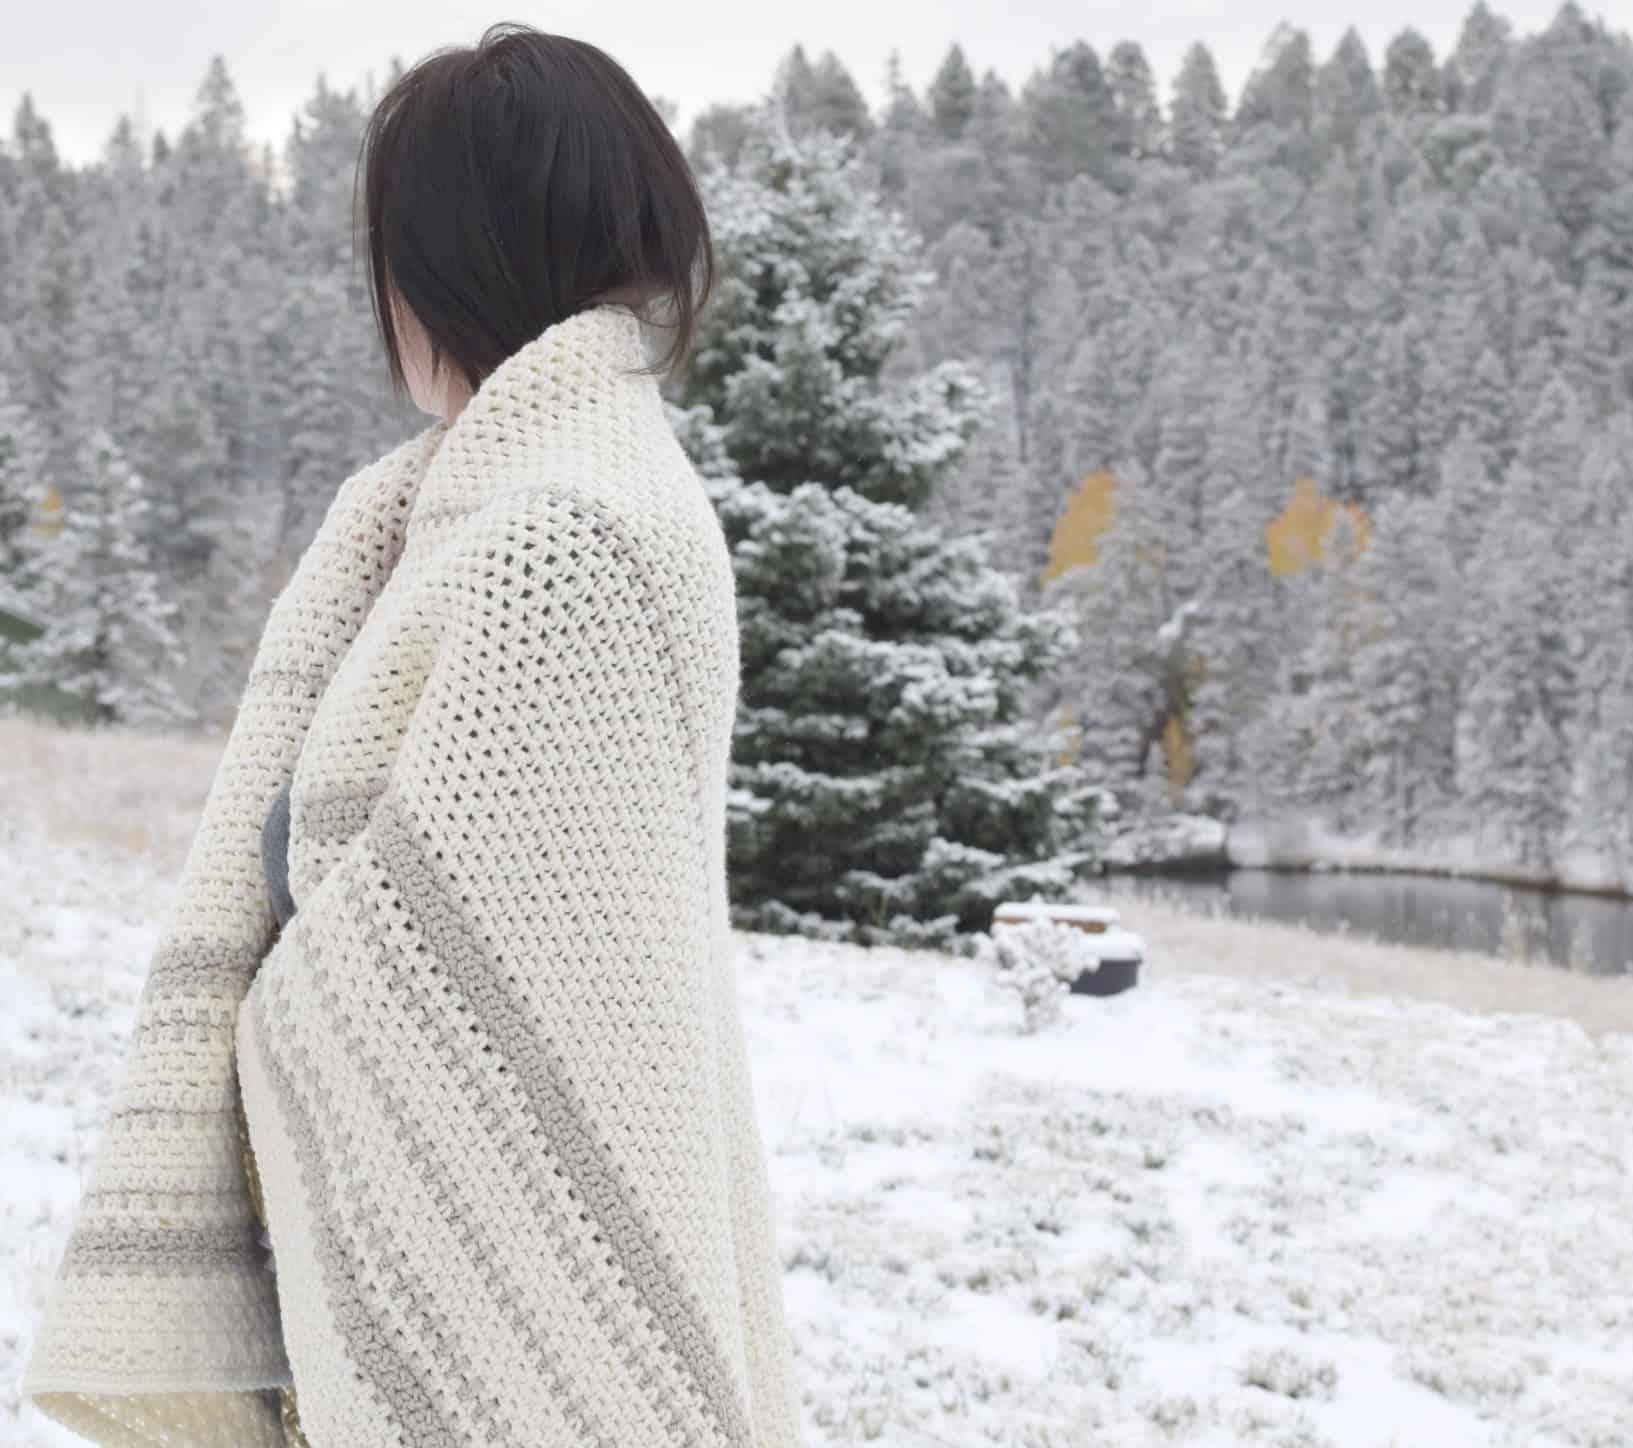 Soft crochet blanket